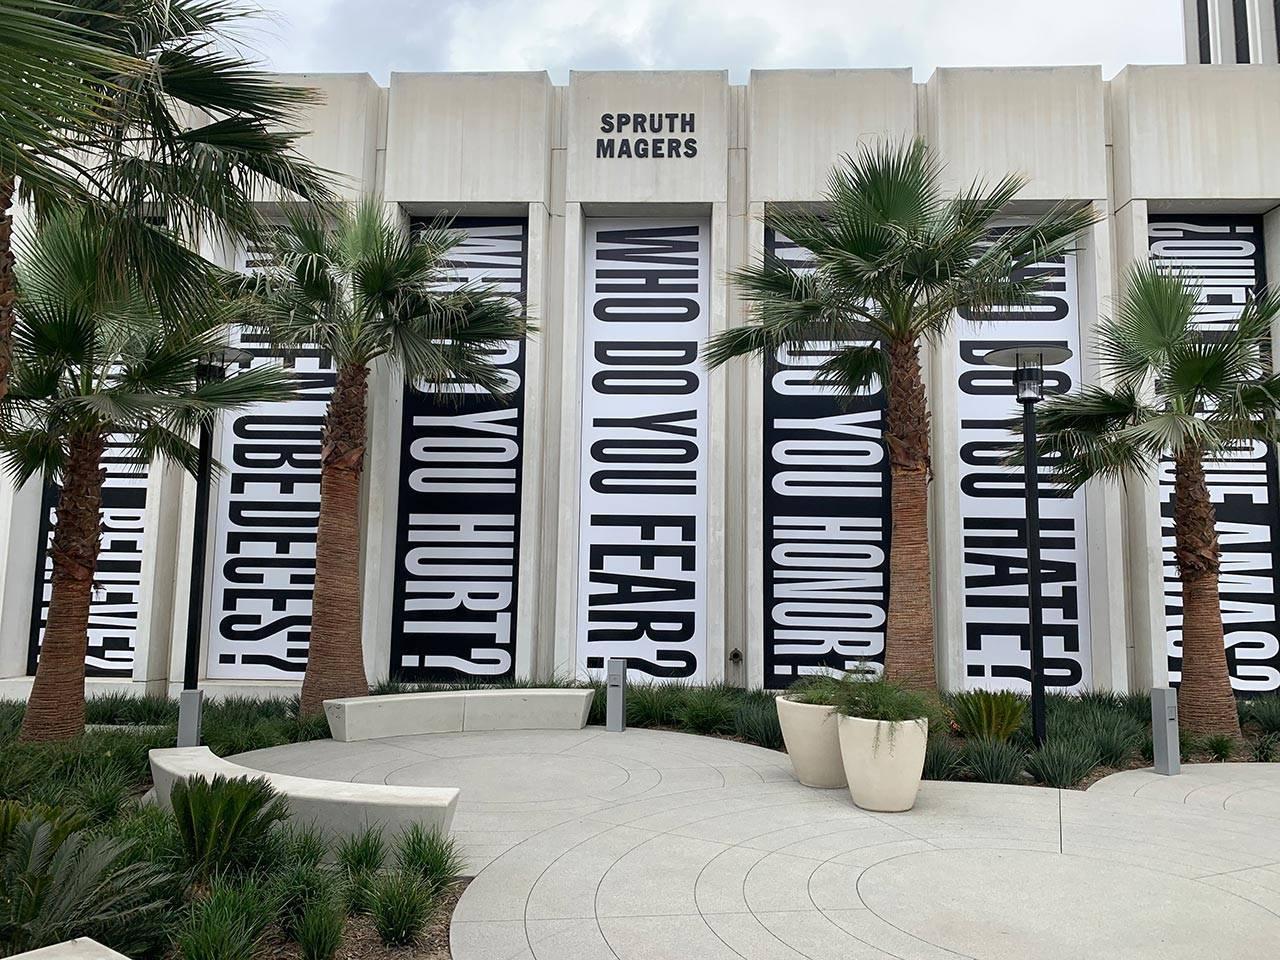 ברברה קרוגר, גלריה ספורת׳ ומאגרז, לוס אנג׳לס